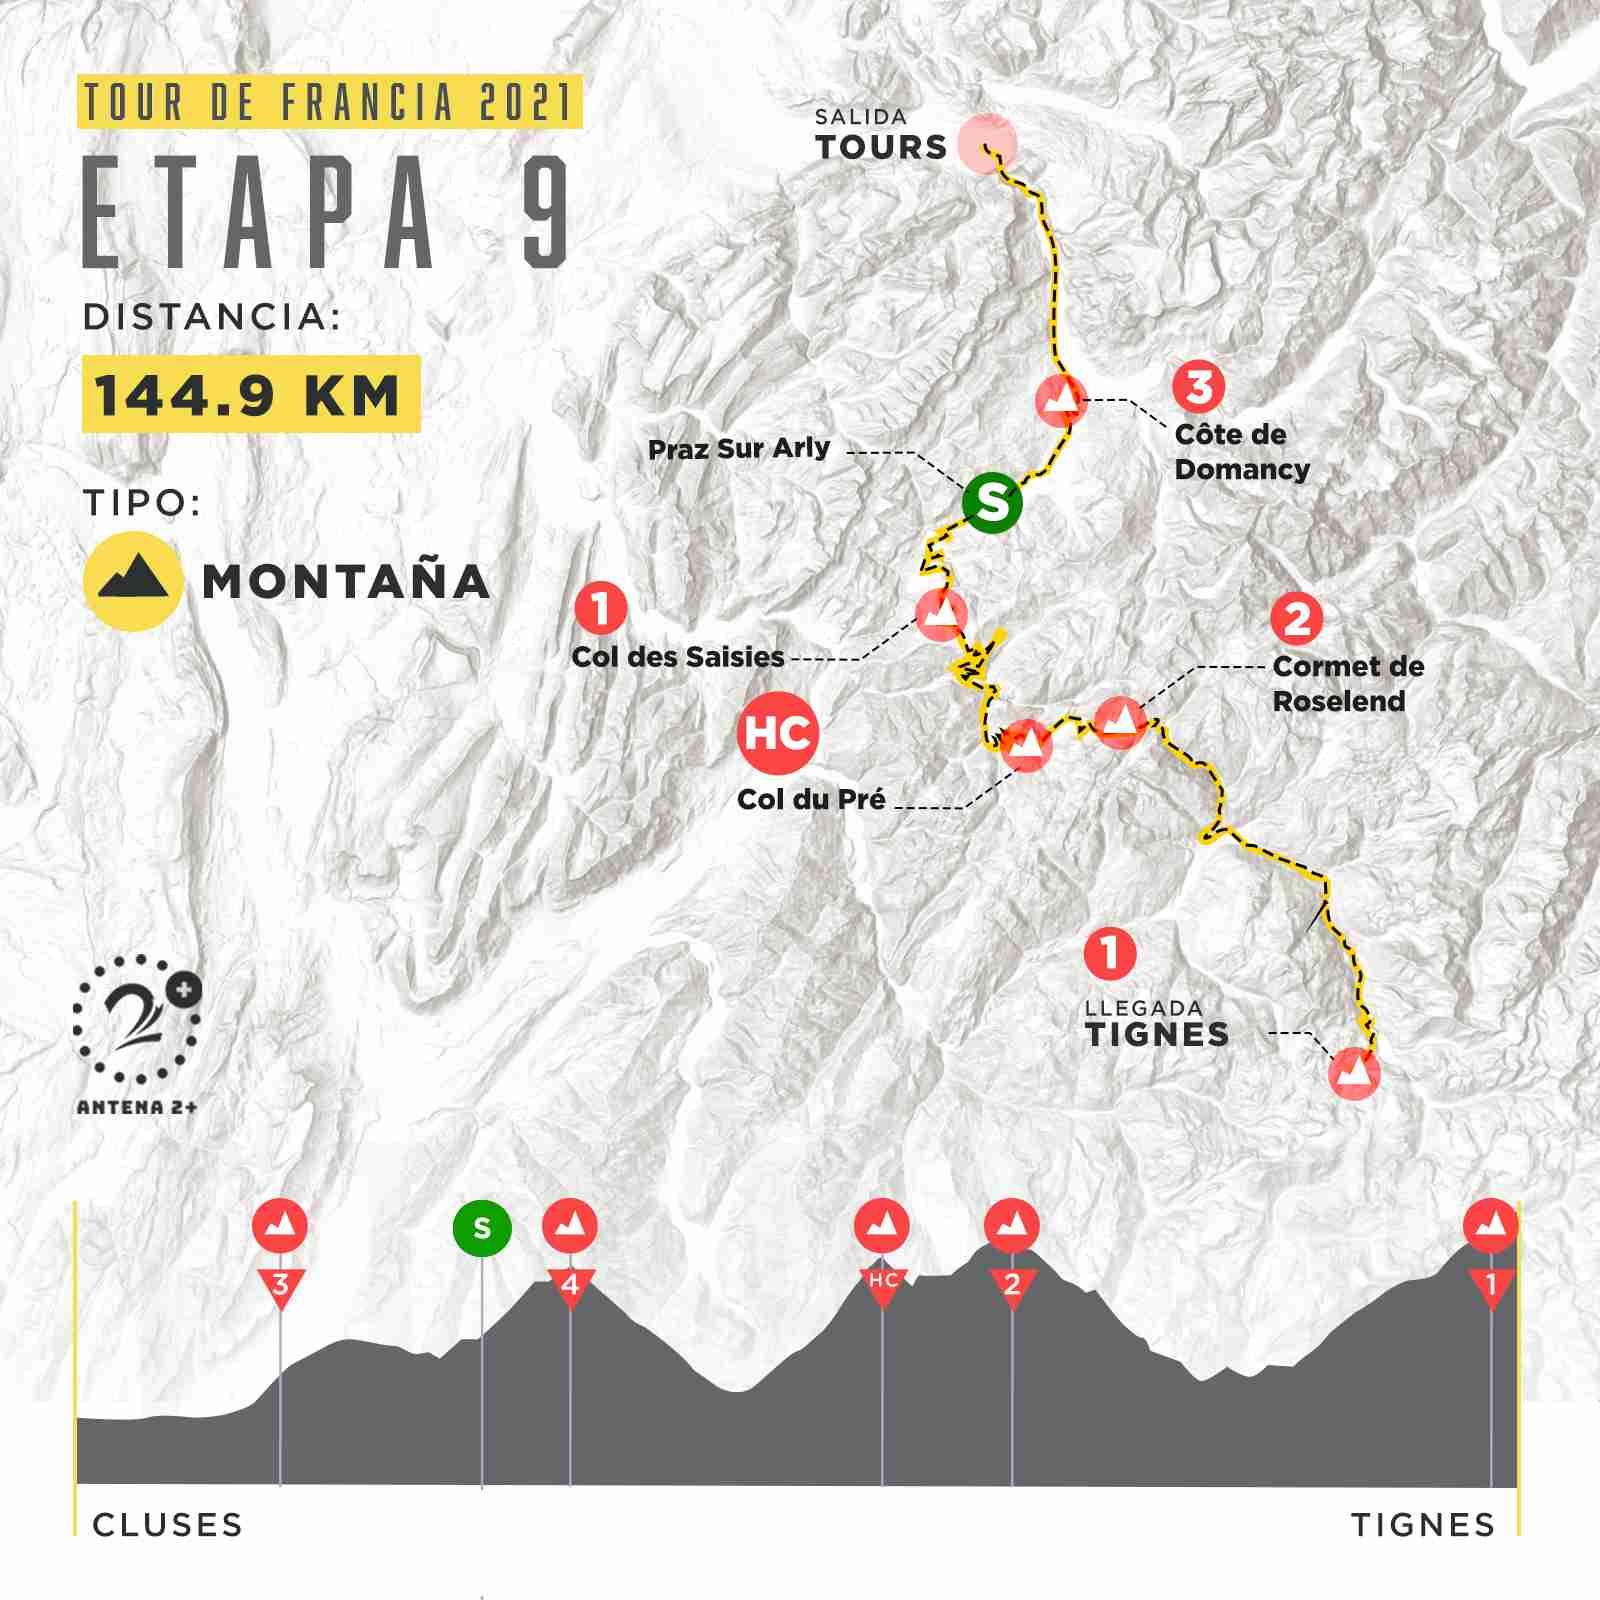 Etapa 9, Tour de Francia 2021